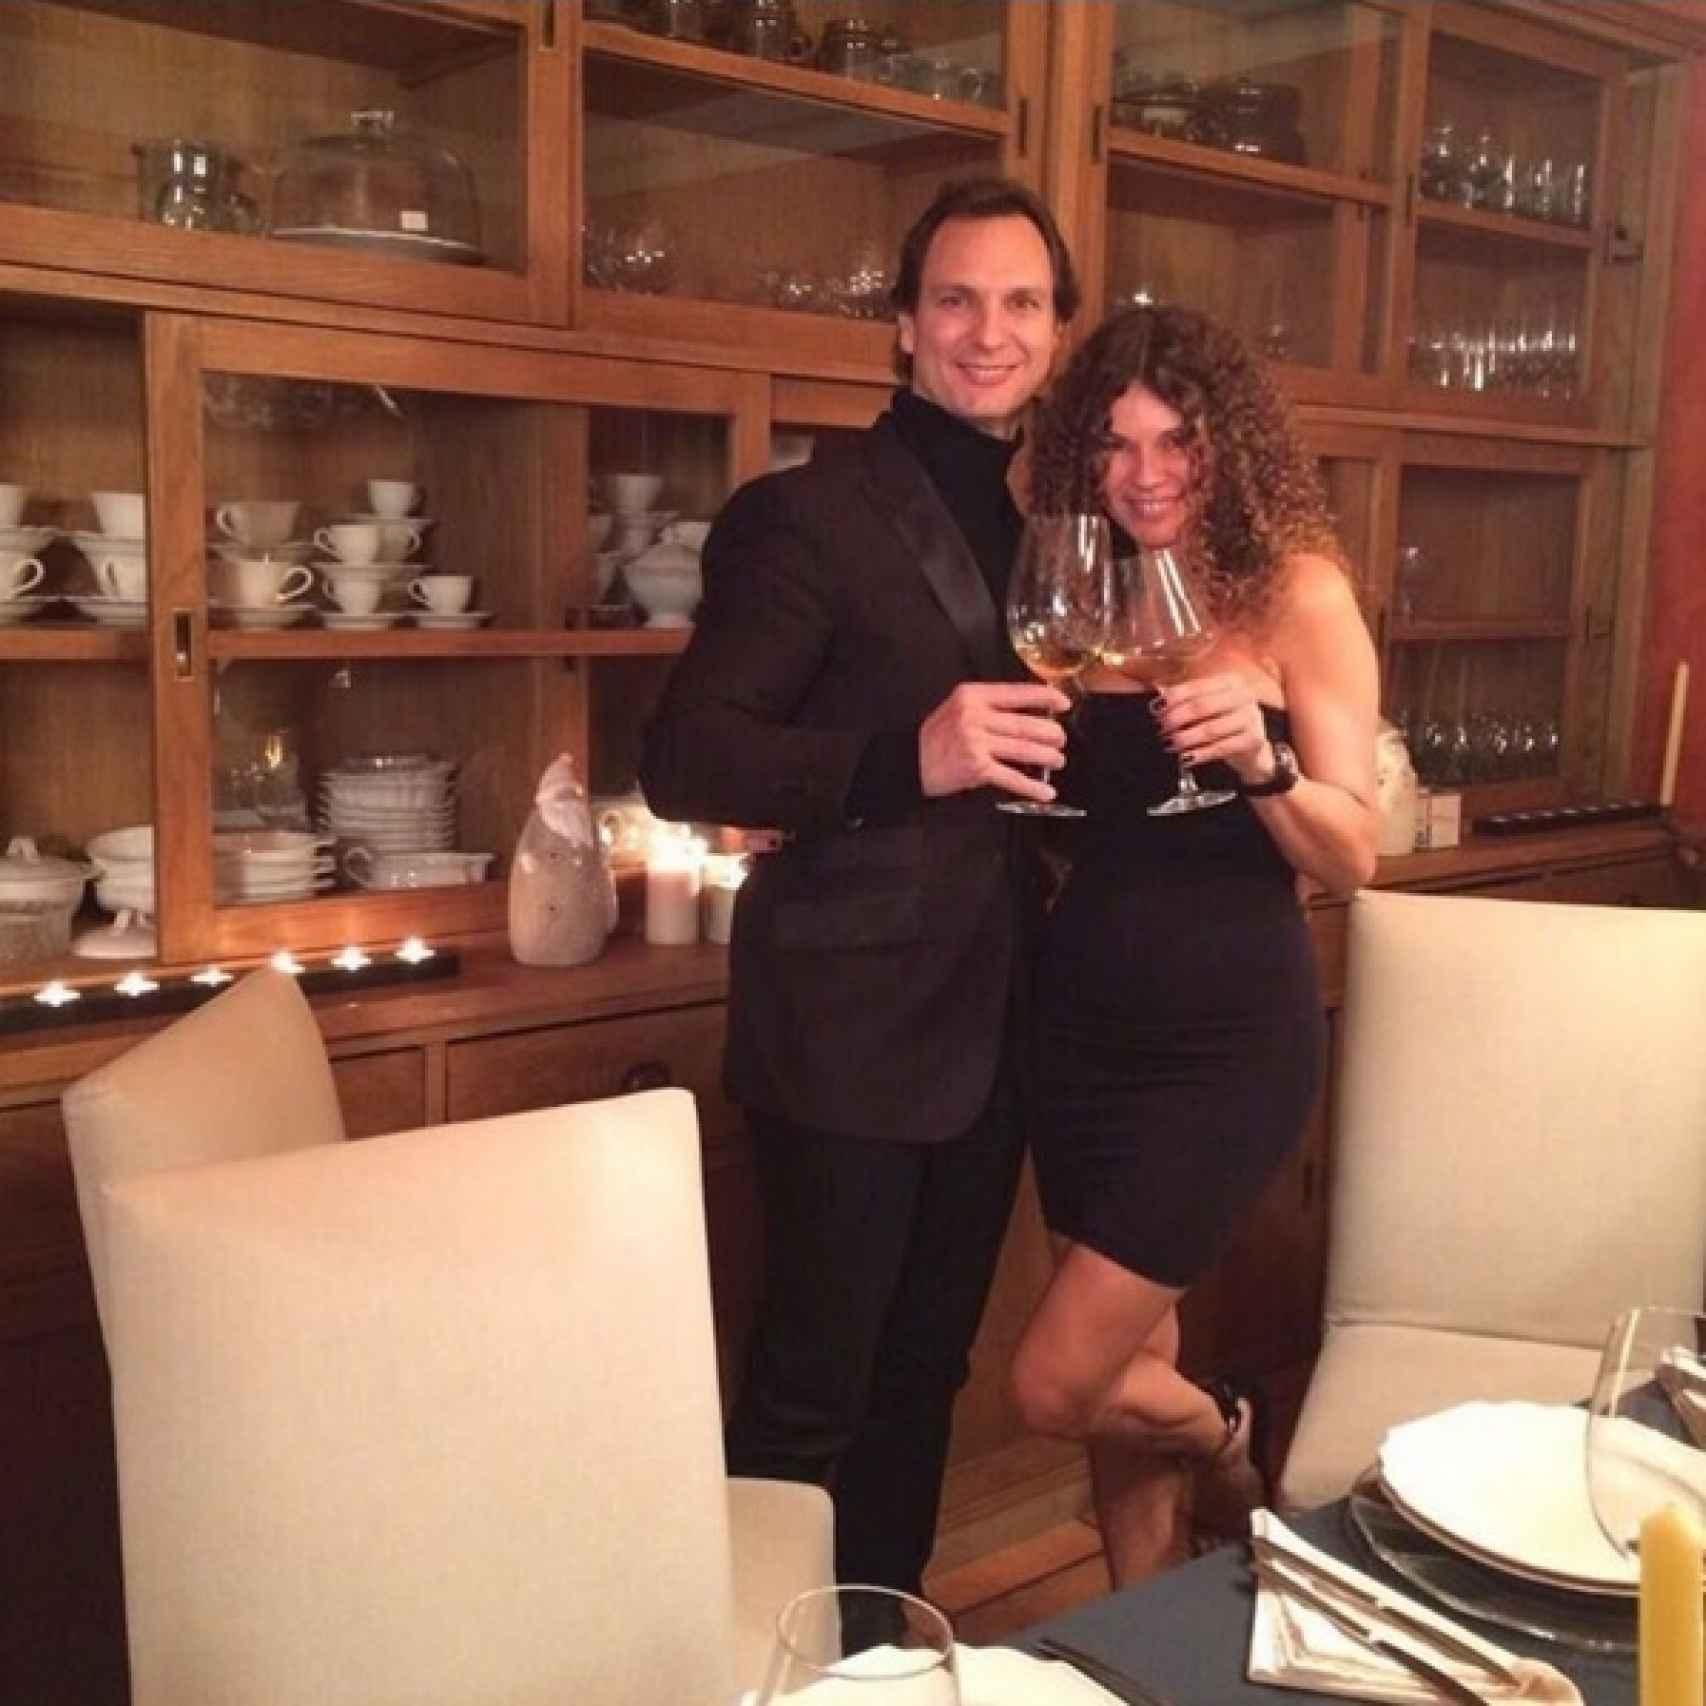 Angie con su hermano Javier Cardenas cenando en Madrid